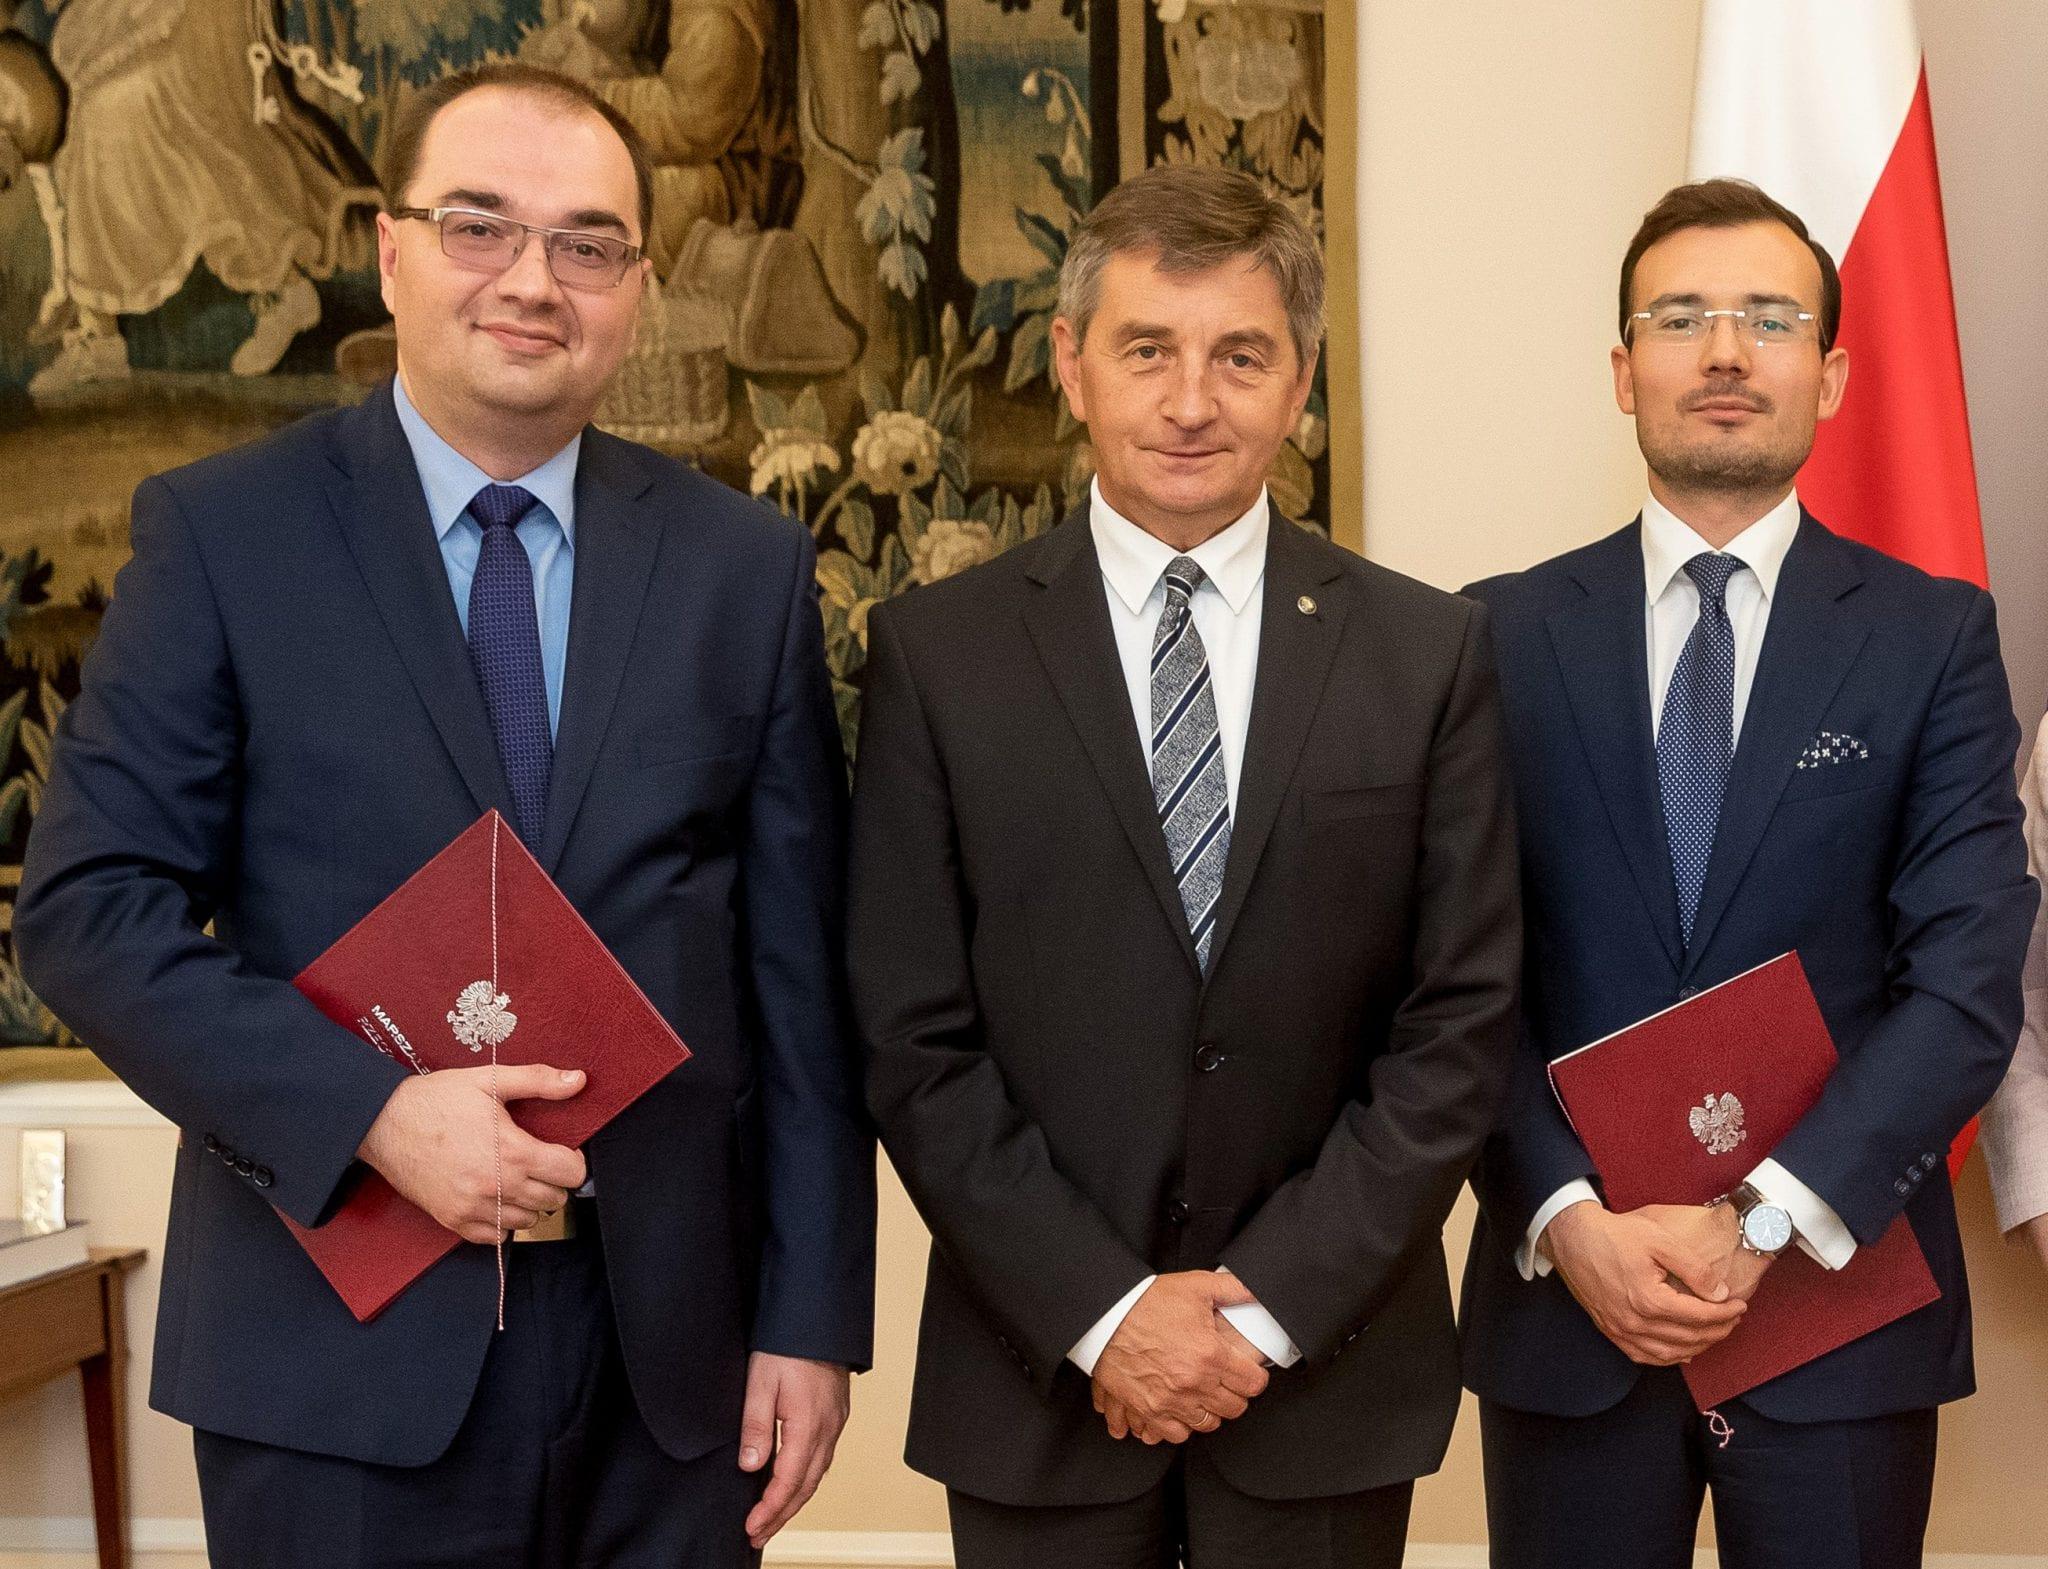 Marszałek Sejmu wręczył akty powołania nowym członkom Trybunału Stanu